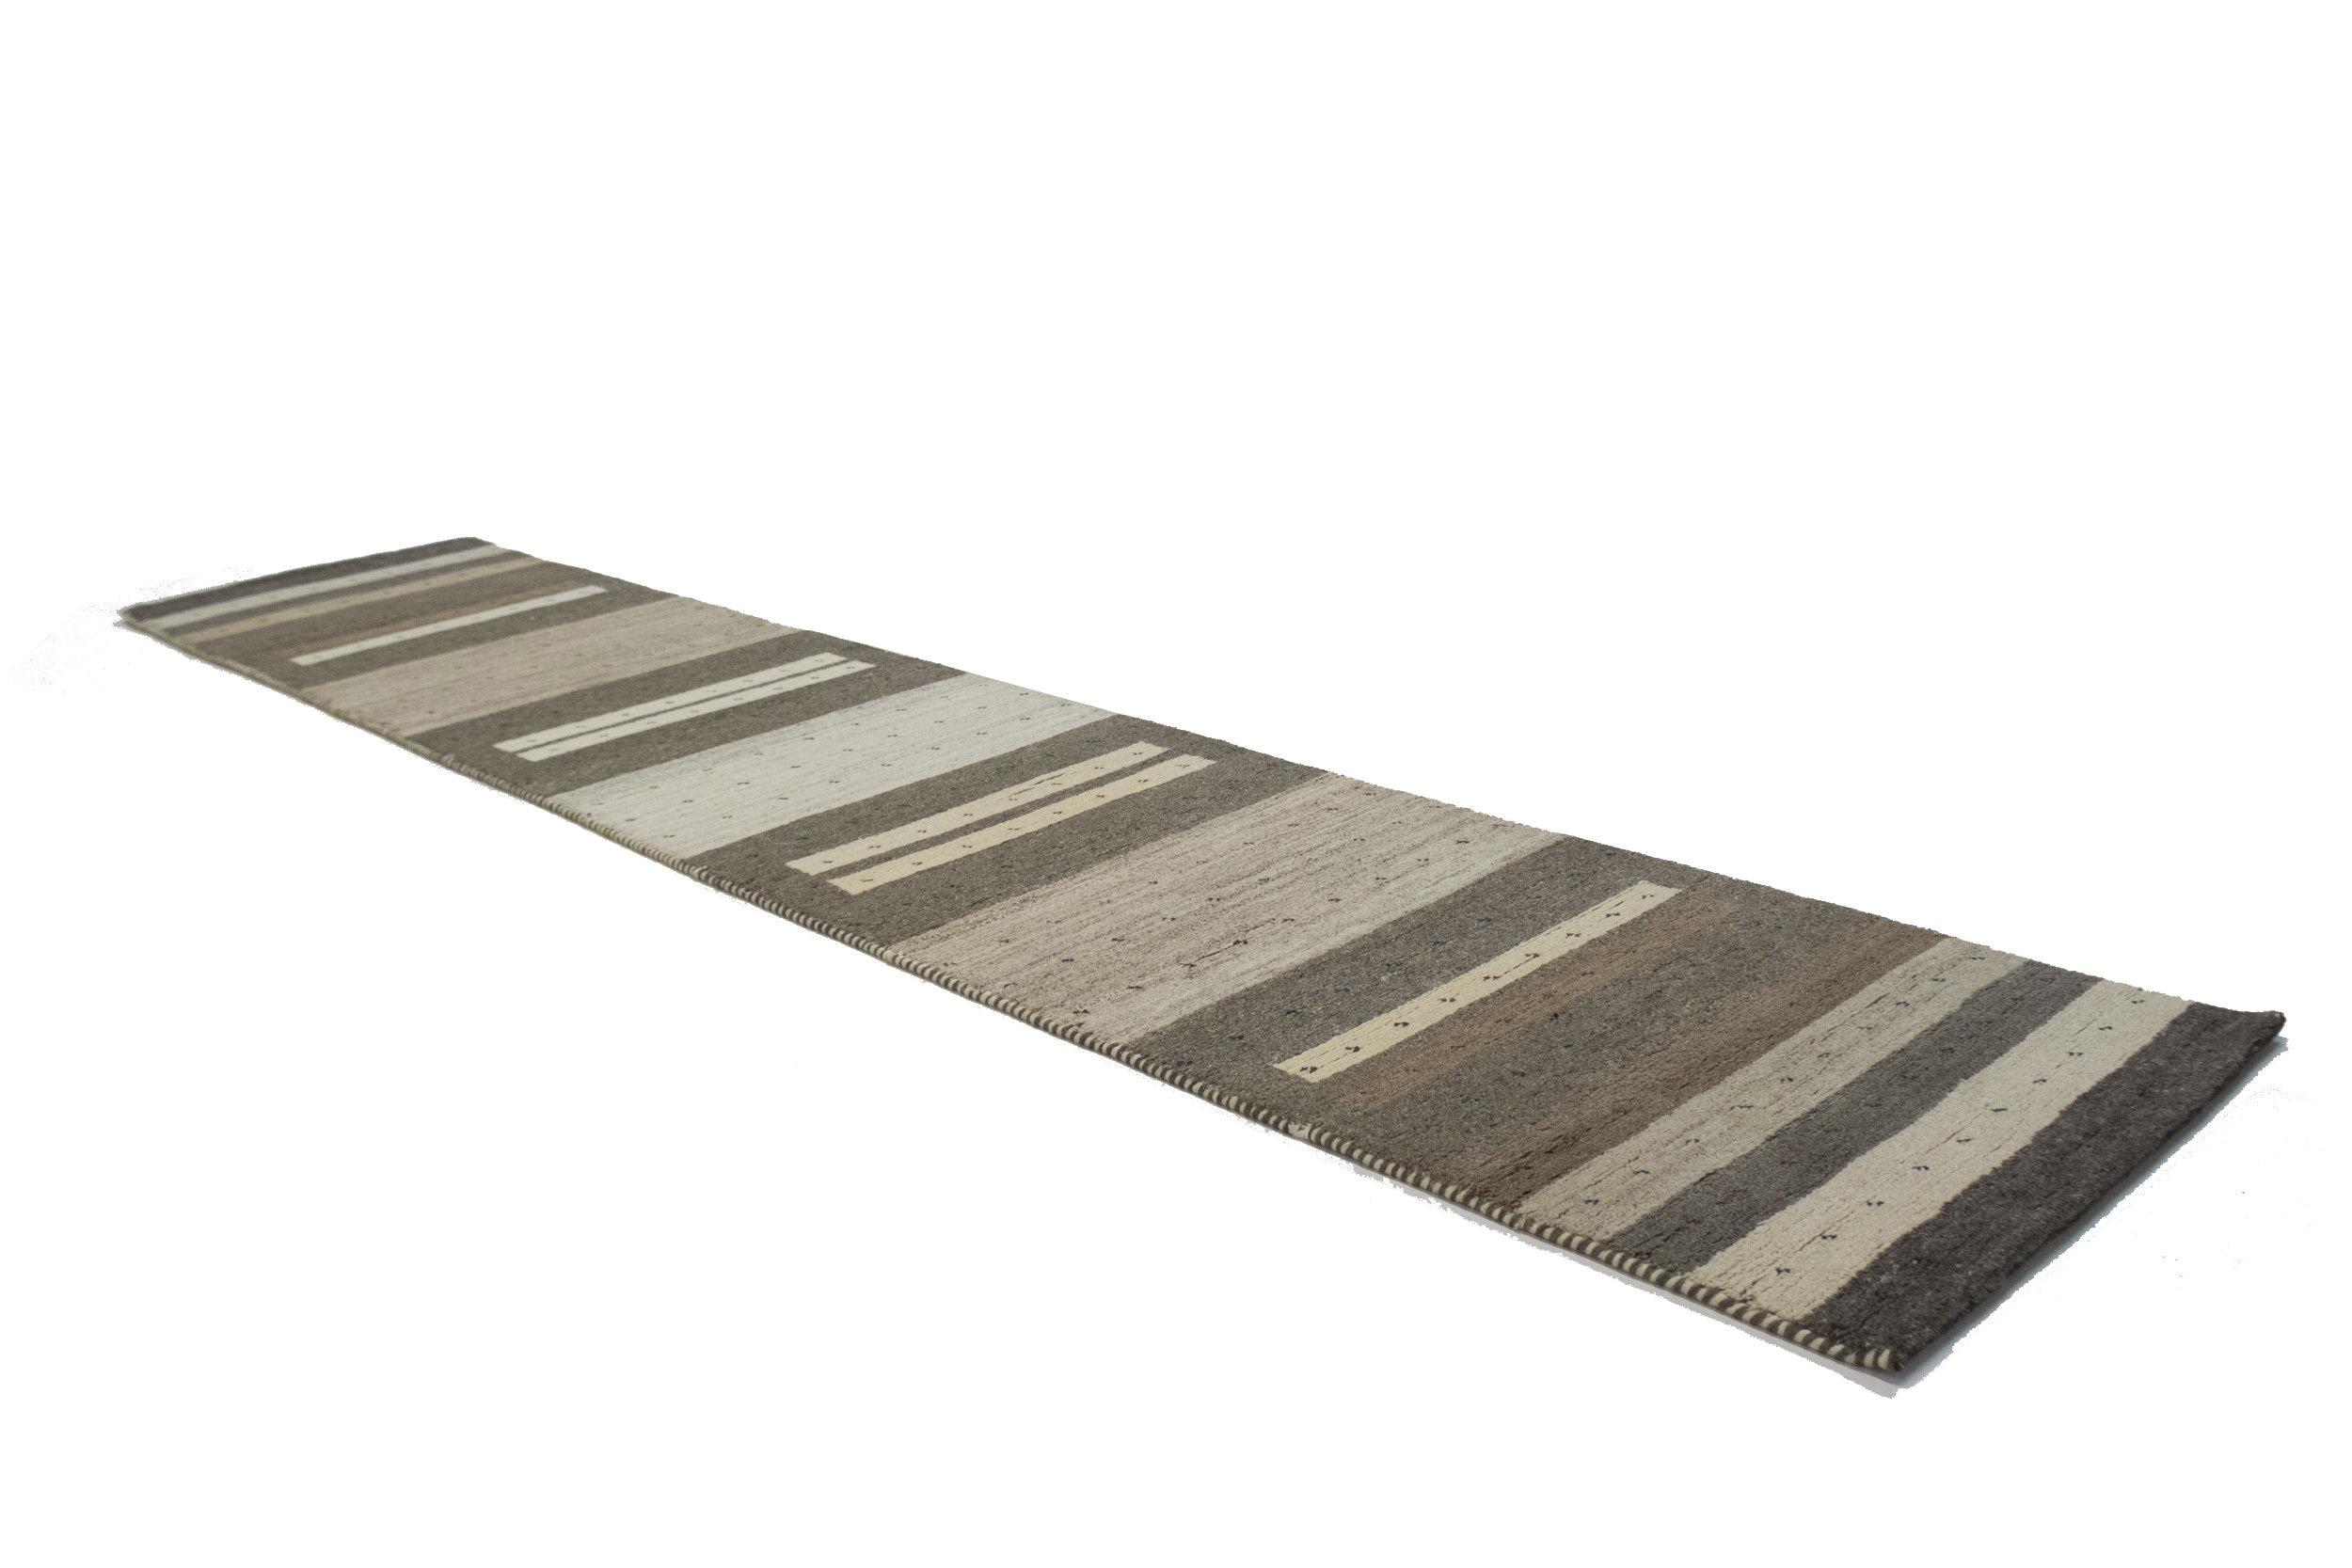 Adminrugs Runner Striped Hand Knotted Wool Brown Beige Area Rug Wayfair